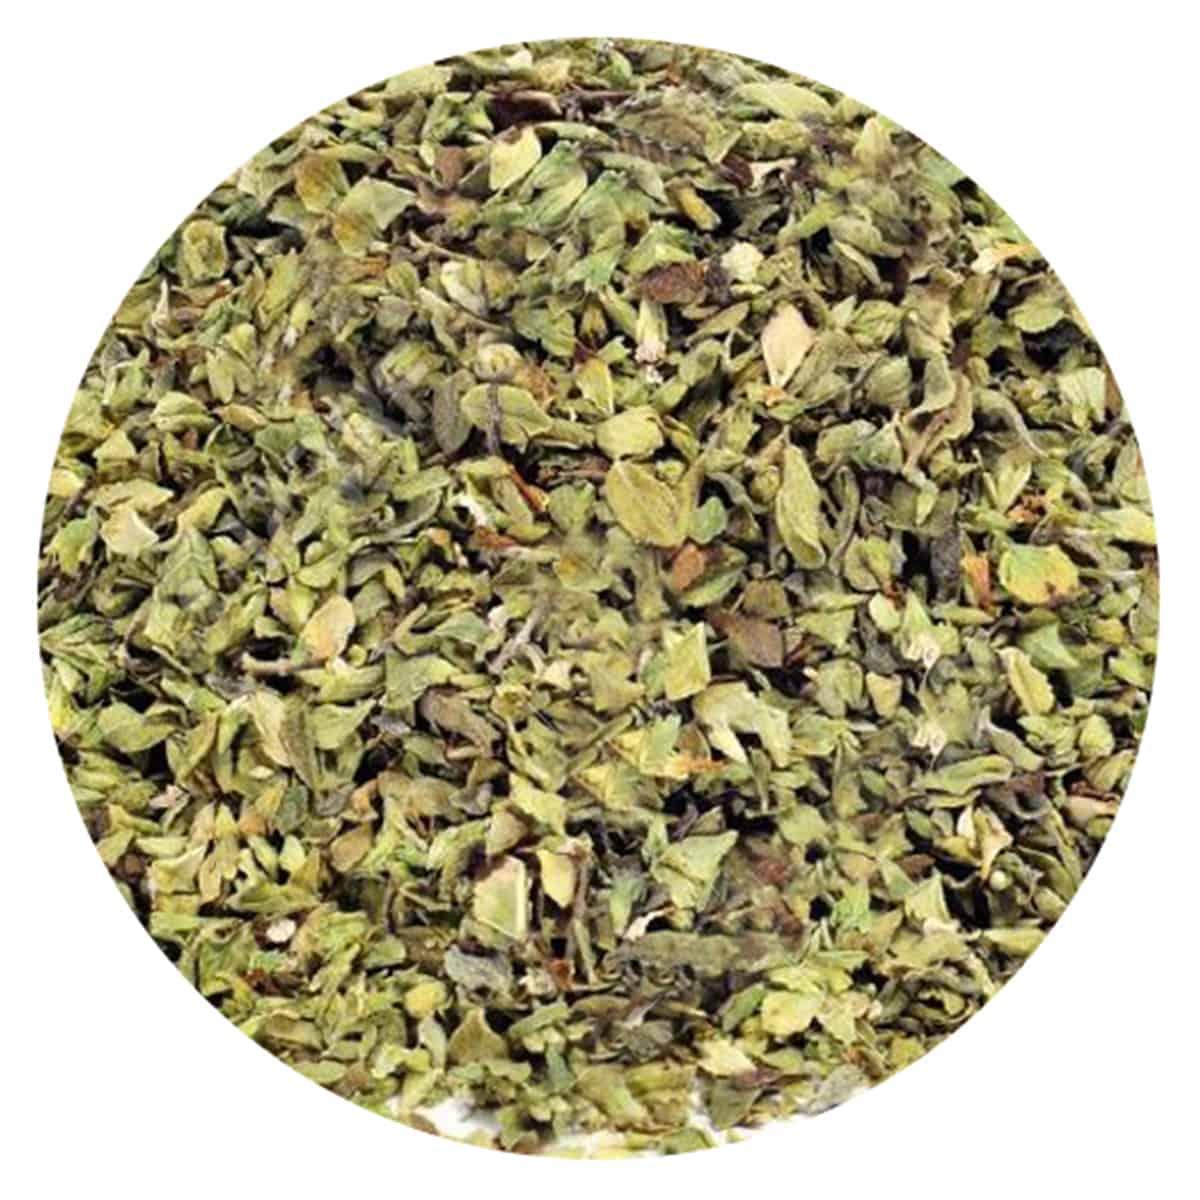 Buy IAG Foods Dried Oregano Leaves - 1 kg